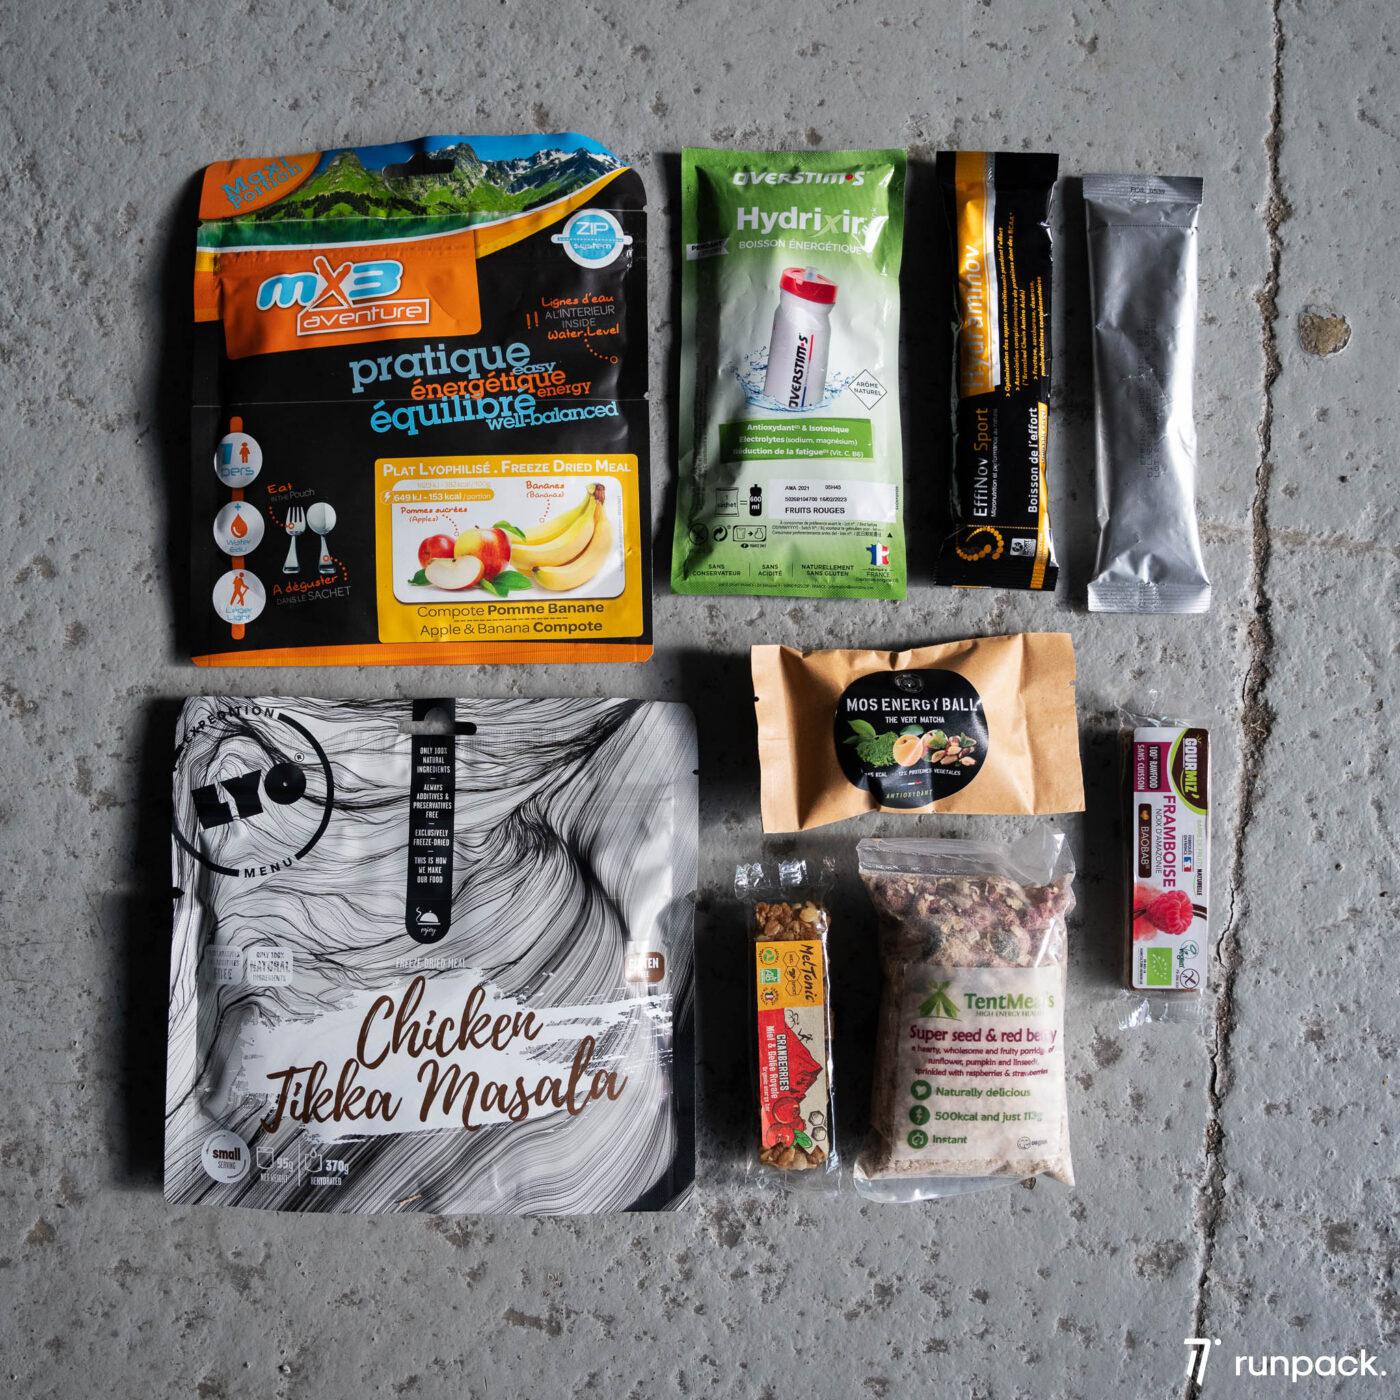 produits lyophilise and co runpack 3